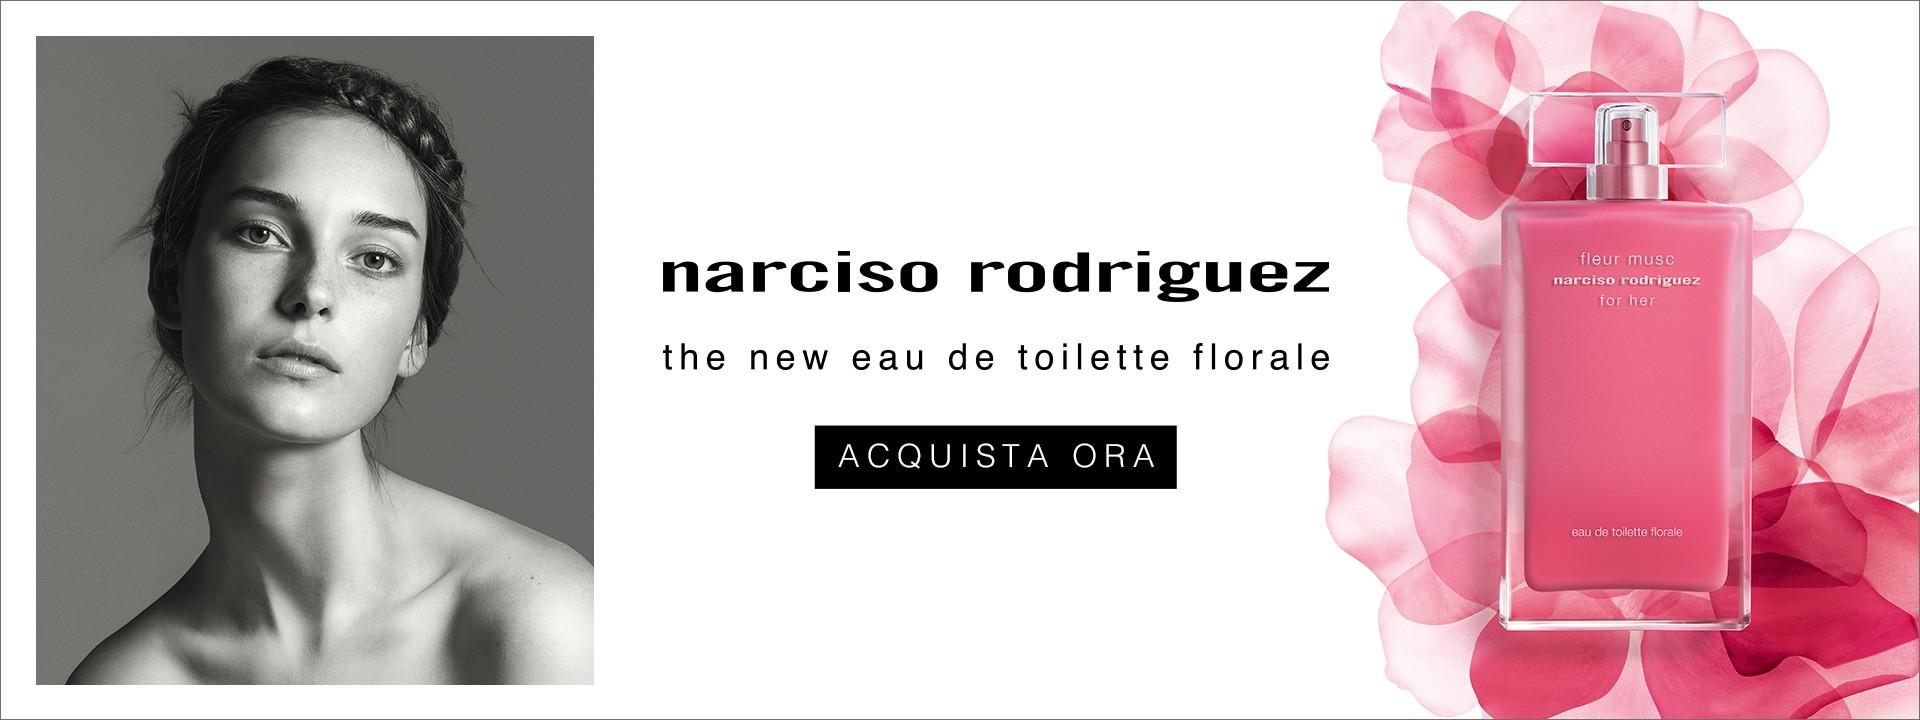 For Her Fleur Musc Eau de Toilette Florale NARCISO RODRIGUEZ